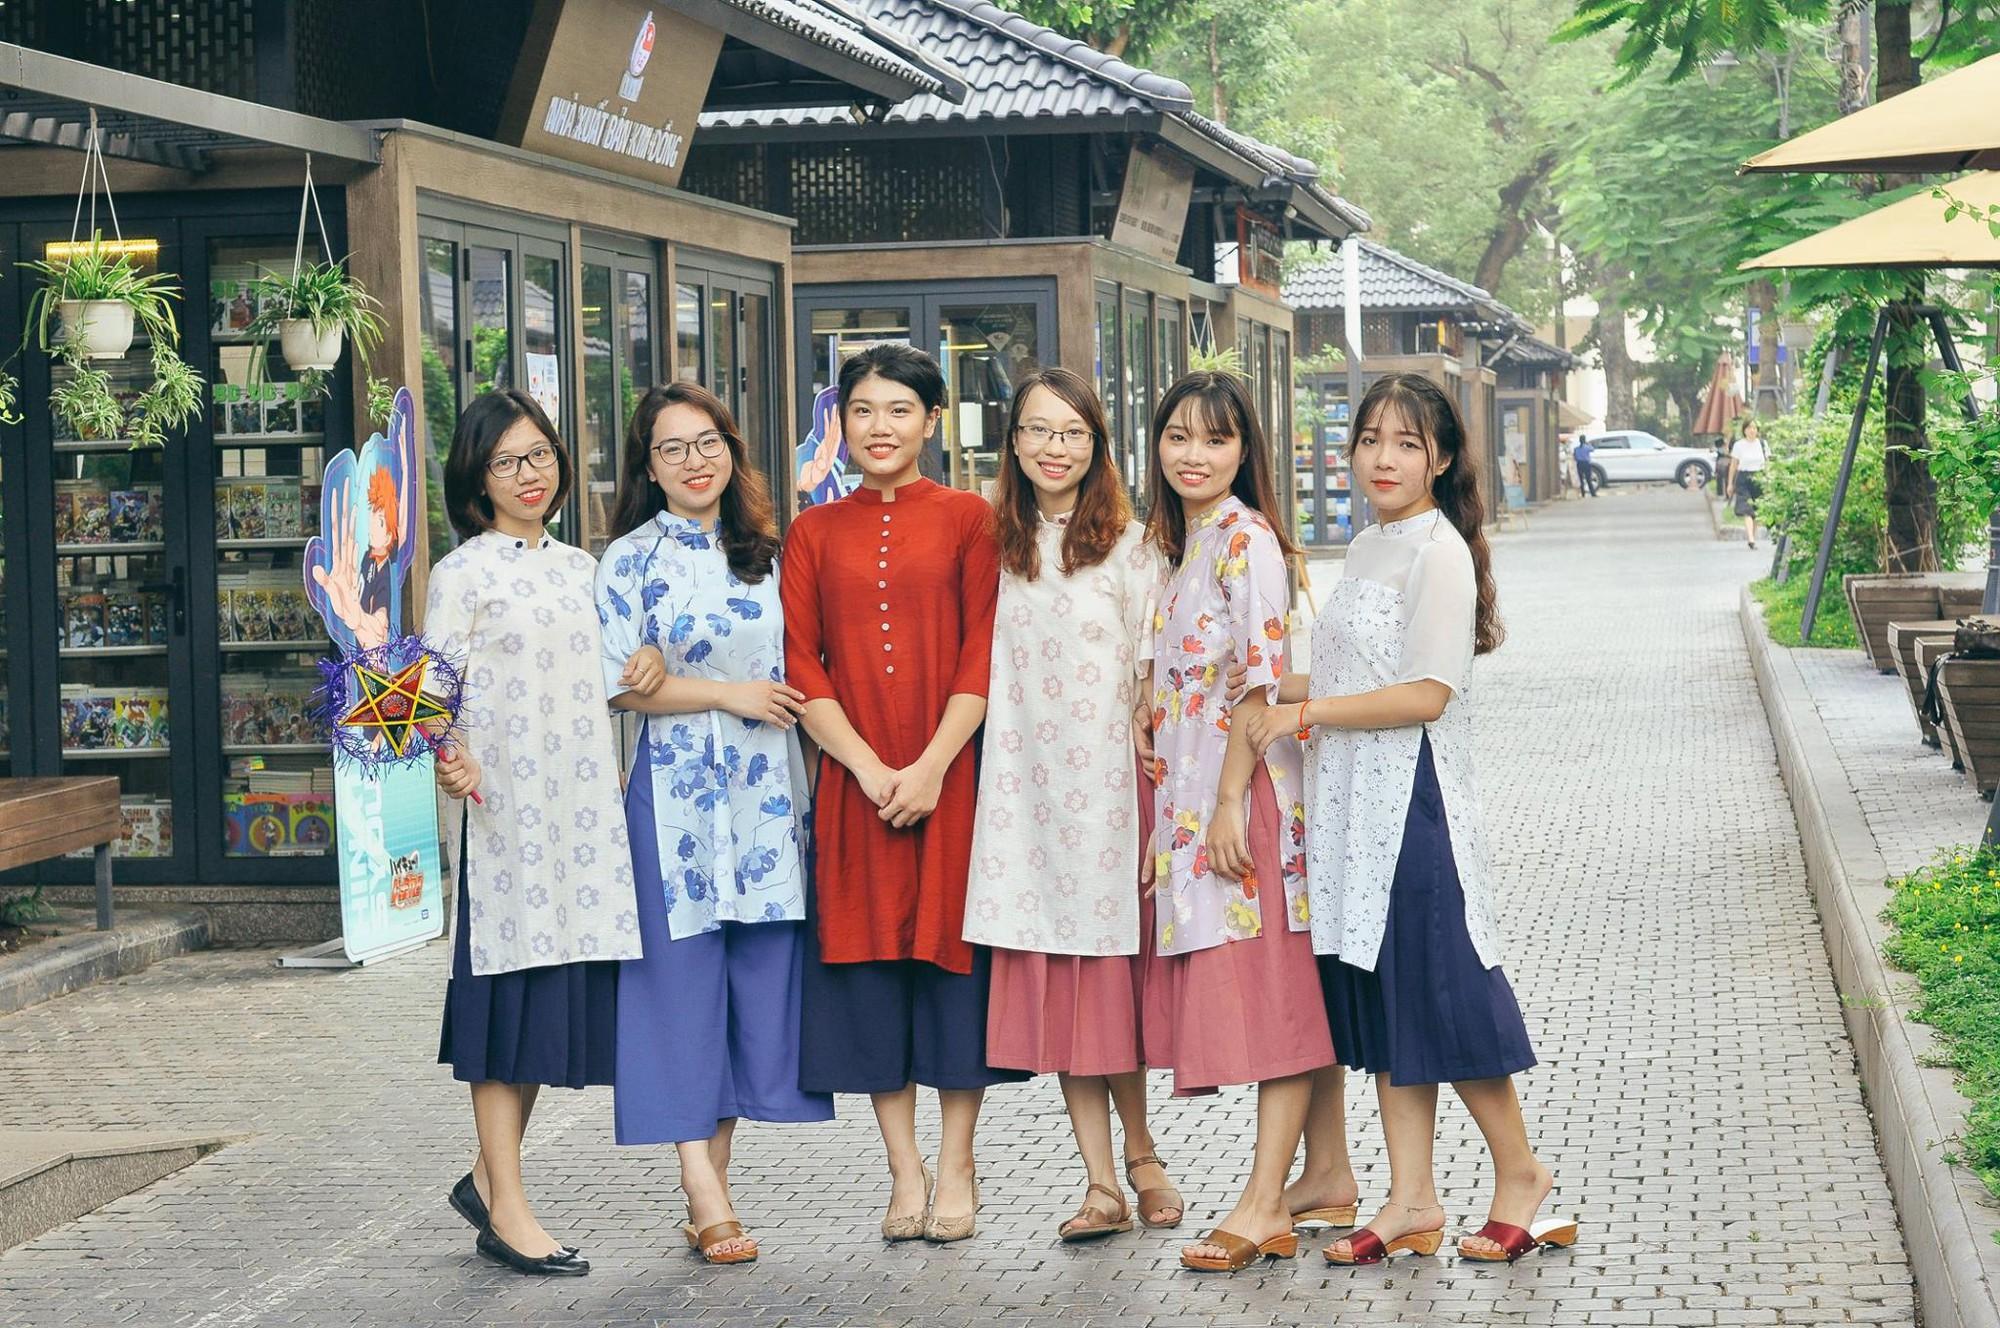 Năm 2017, nhờ phim Việt mà áo dài lên ngôi, được giới trẻ diện nhiều không thua kém các hot trend thời thượng - Ảnh 20.